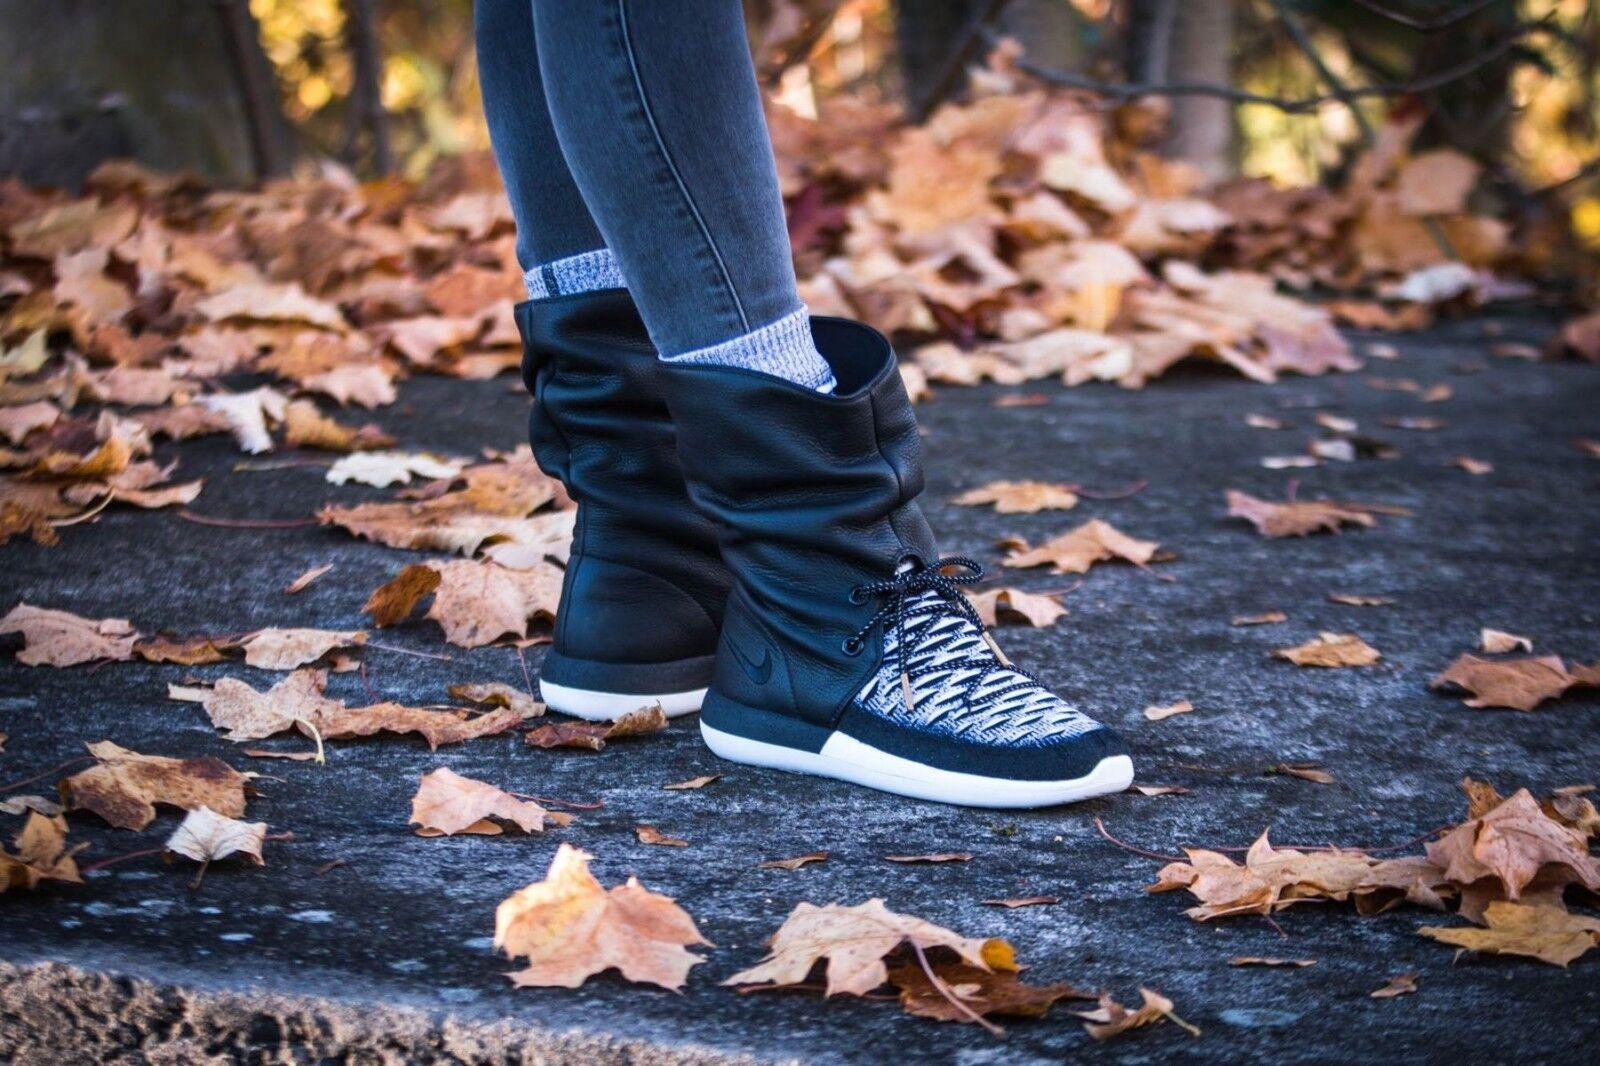 Nike Roshe Two High Flyknit 861708-002 Black White Sneakerboot Wmn Sz 8